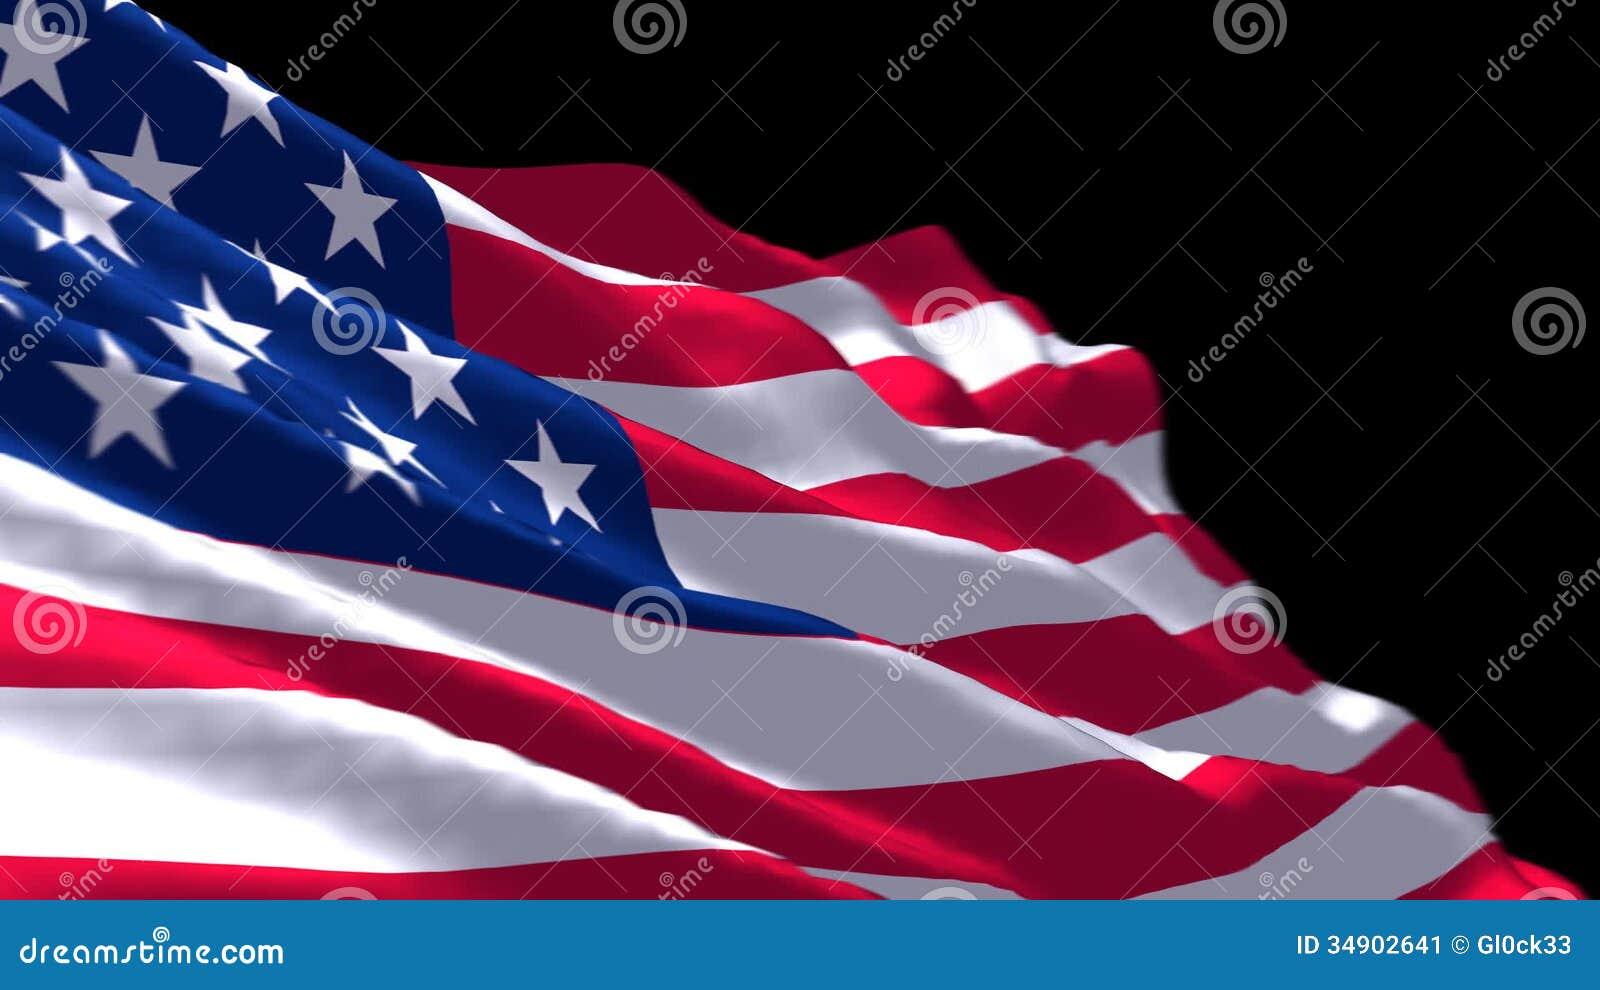 Schön Usa Flagge Färbung Seite Zeitgenössisch - Malvorlagen-Ideen ...